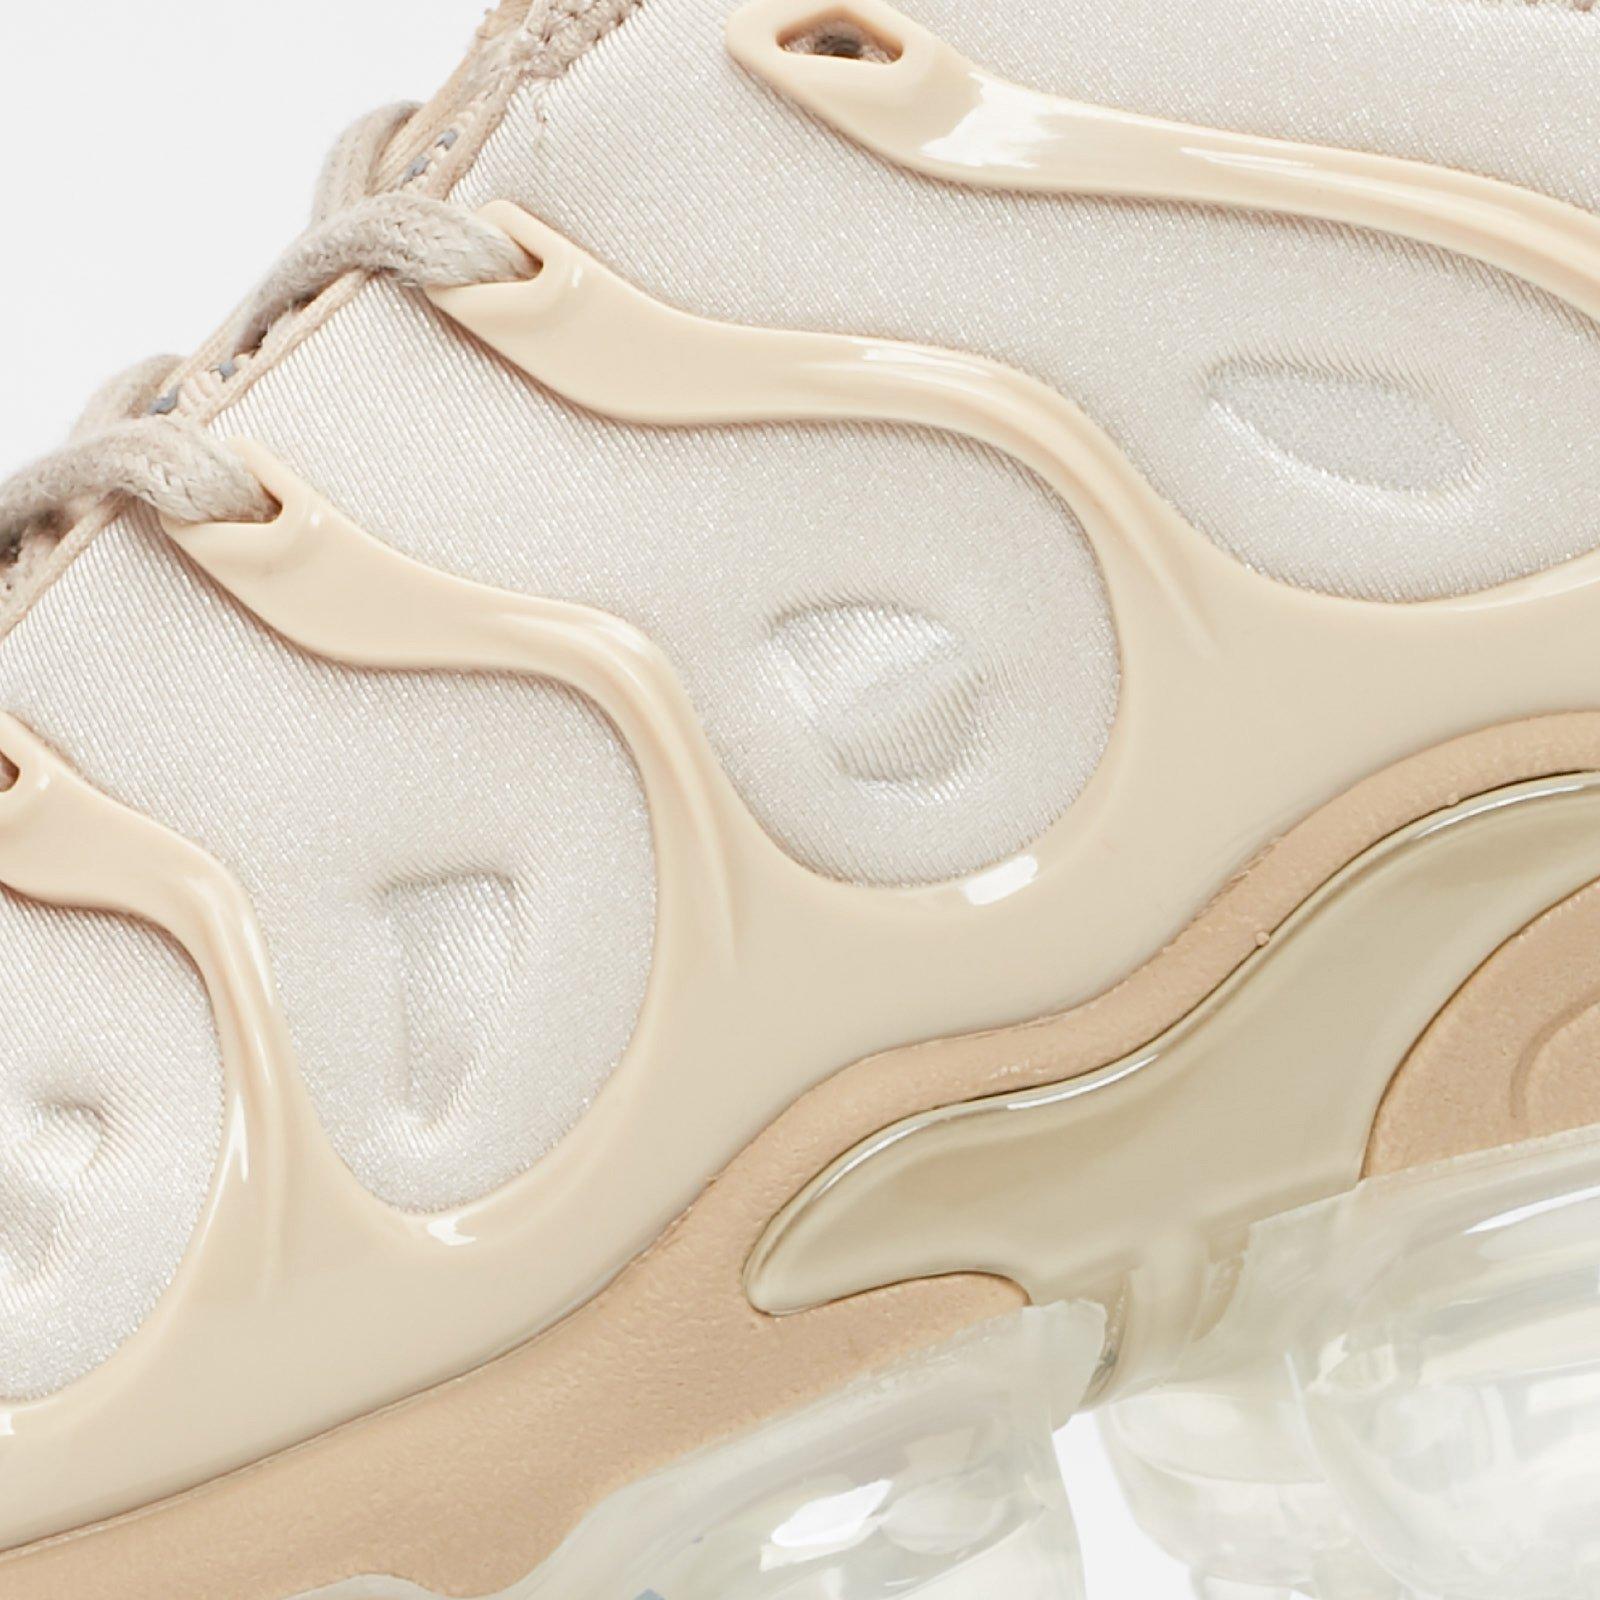 05cf88264fc Nike Air Vapormax Plus - At5681-200 - Sneakersnstuff